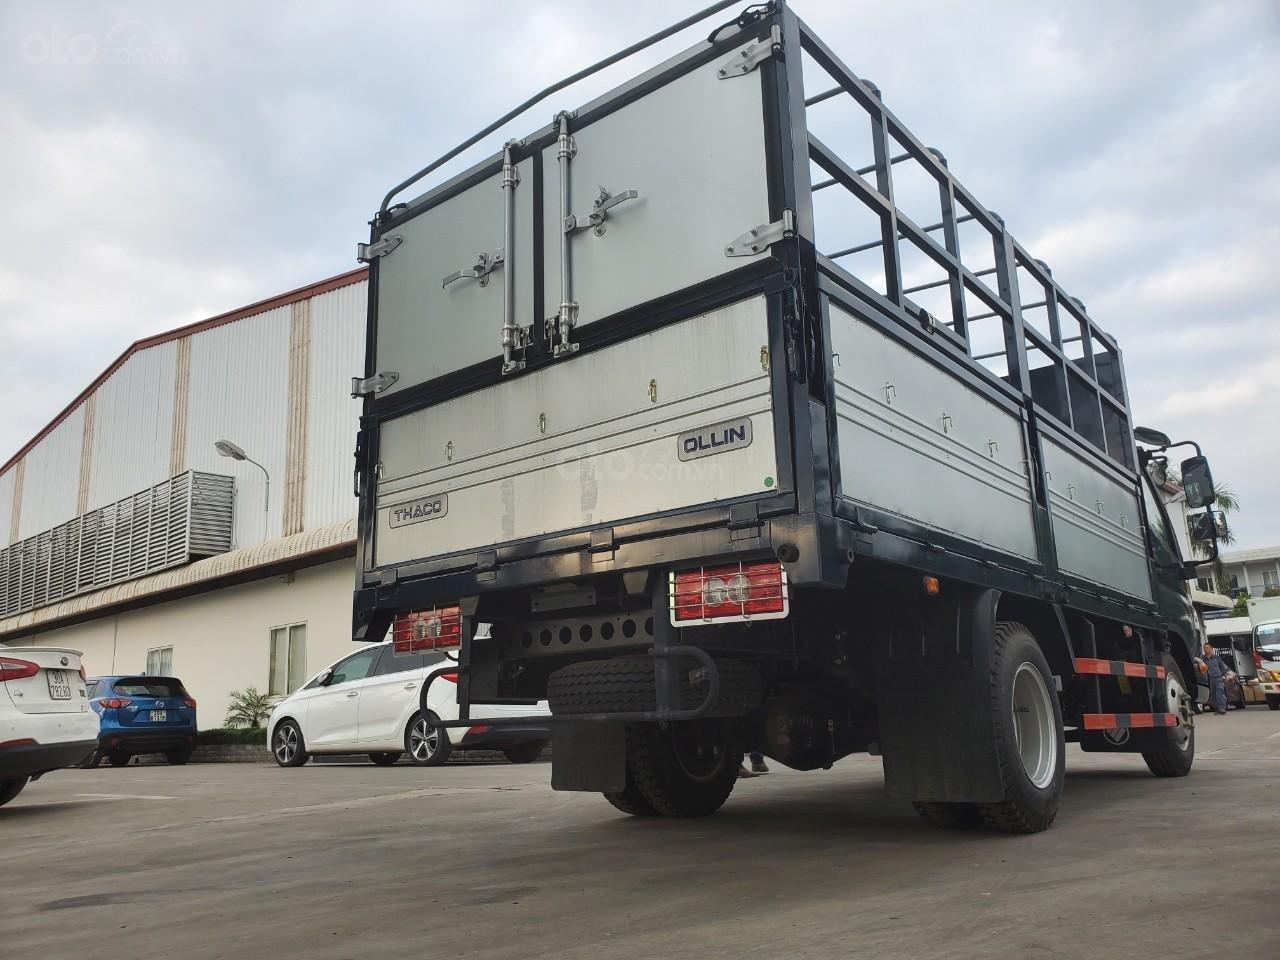 Bán xe tải Thaco OLLIN 345 E4 đời 2019 tải 2.5 tấn, giá tốt (5)